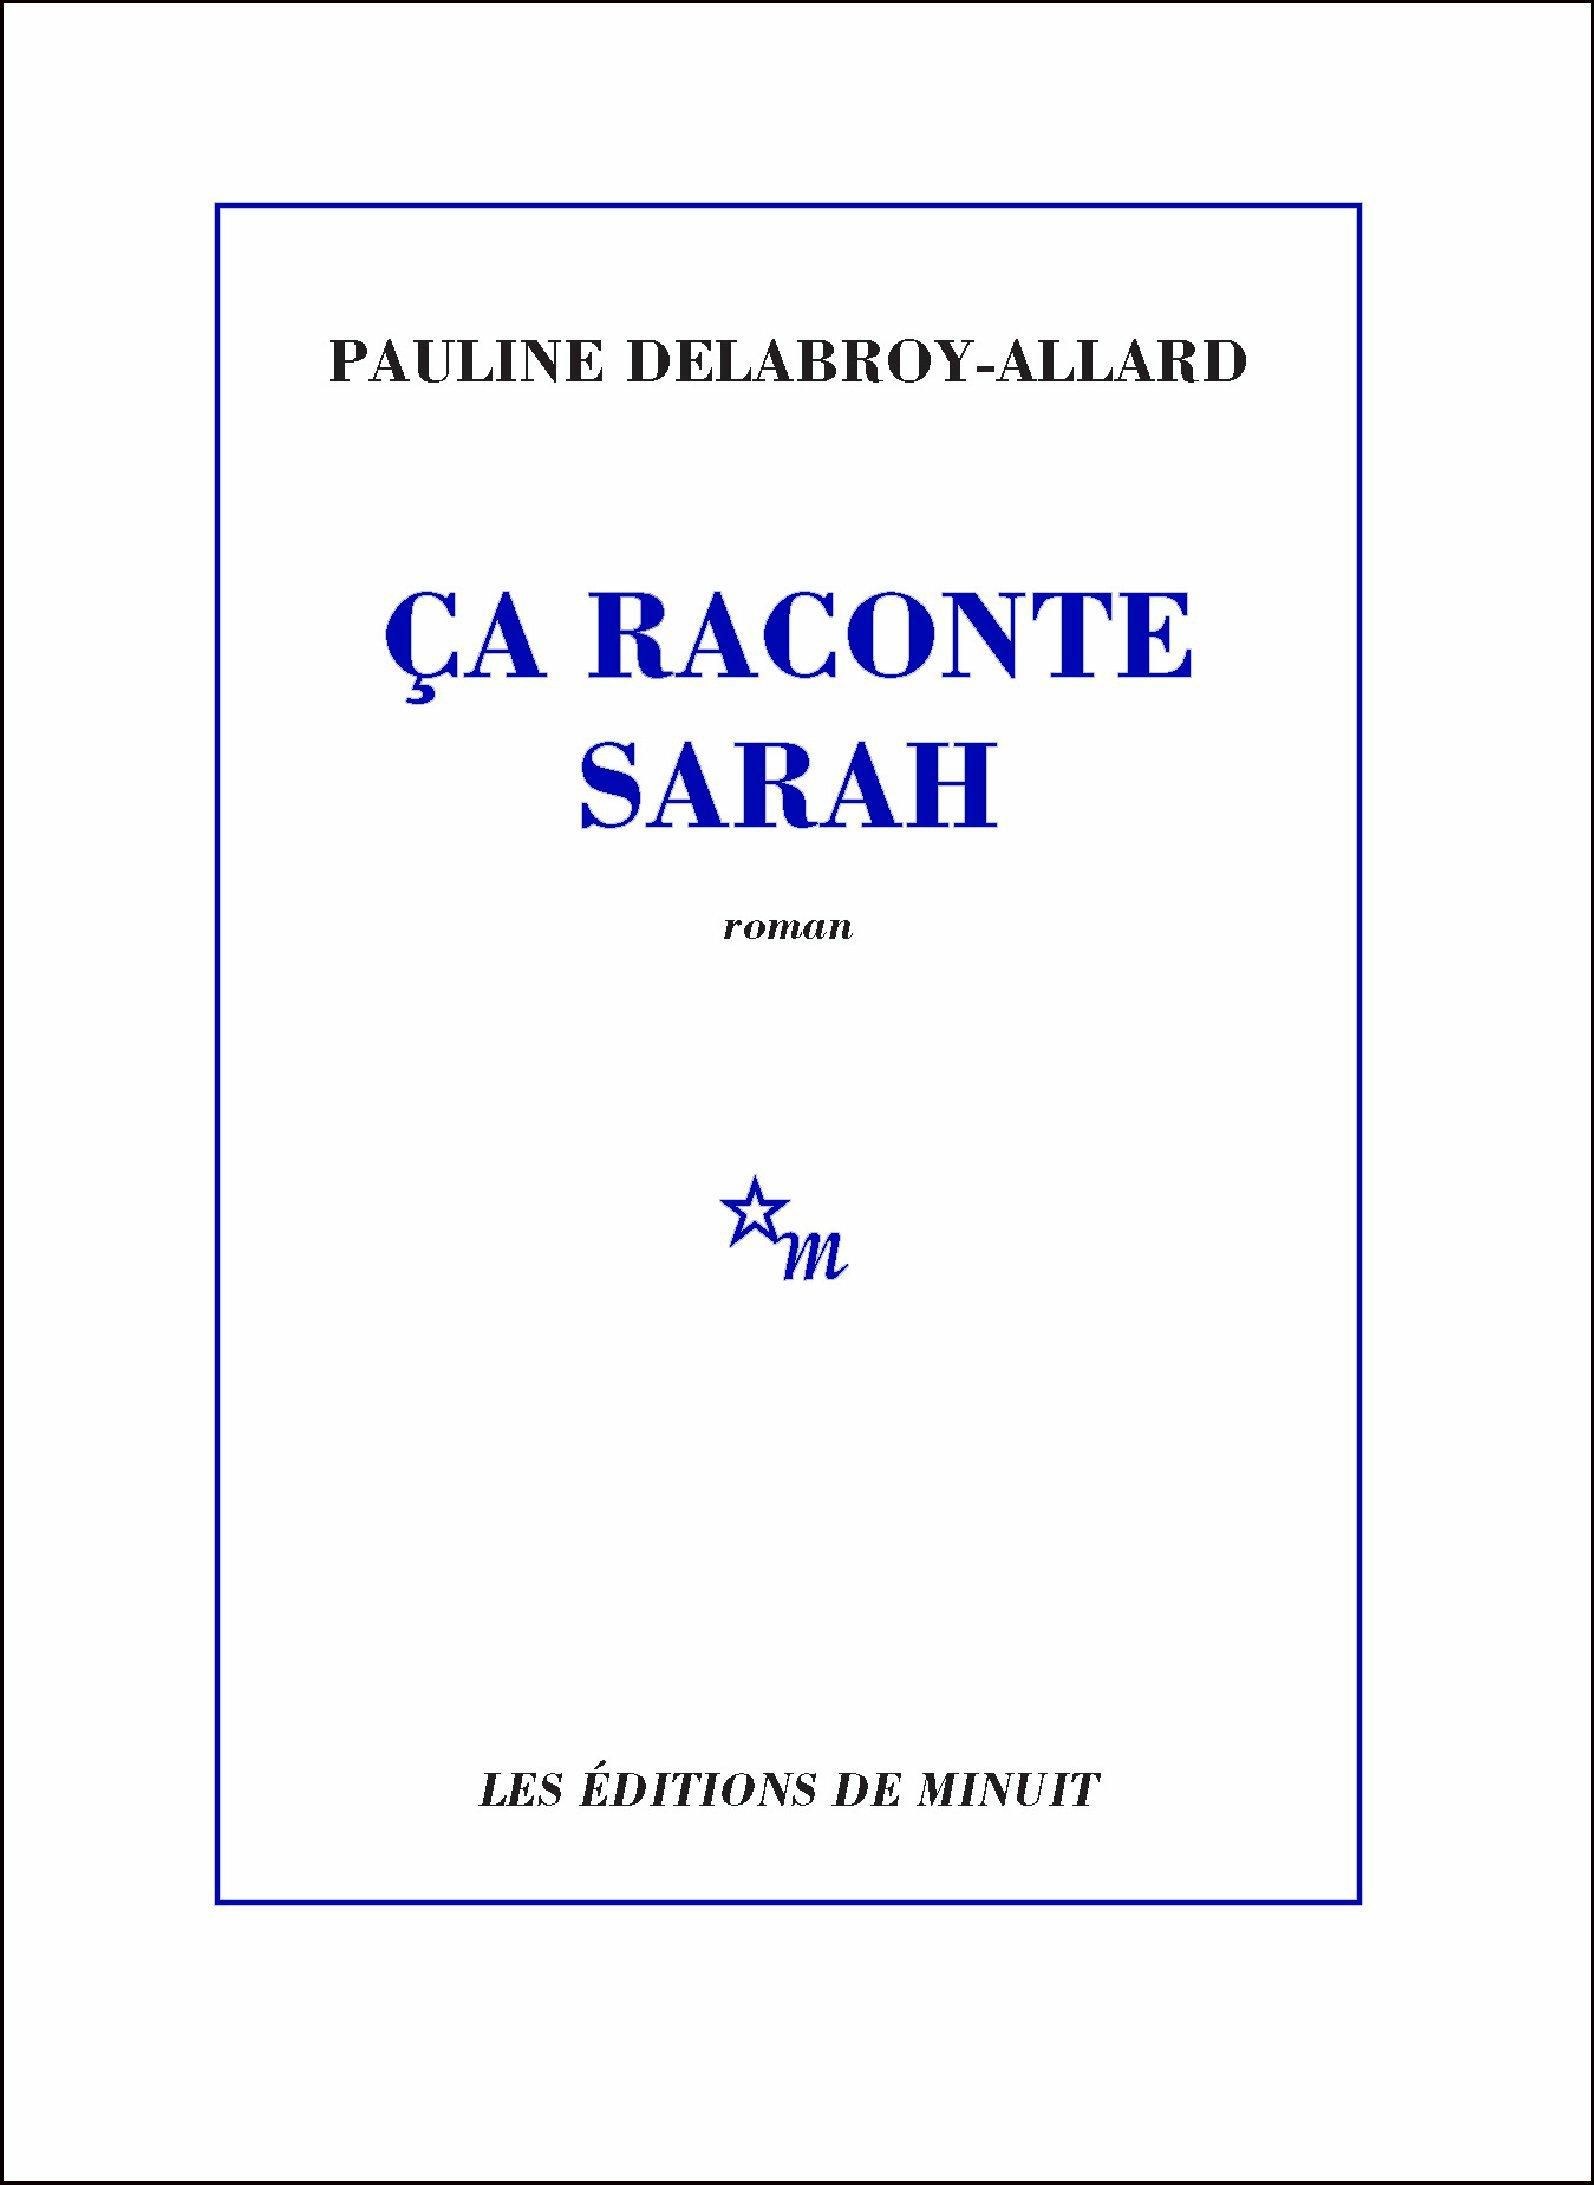 Ça raconte Sarah | Delabroy-Allard, Pauline